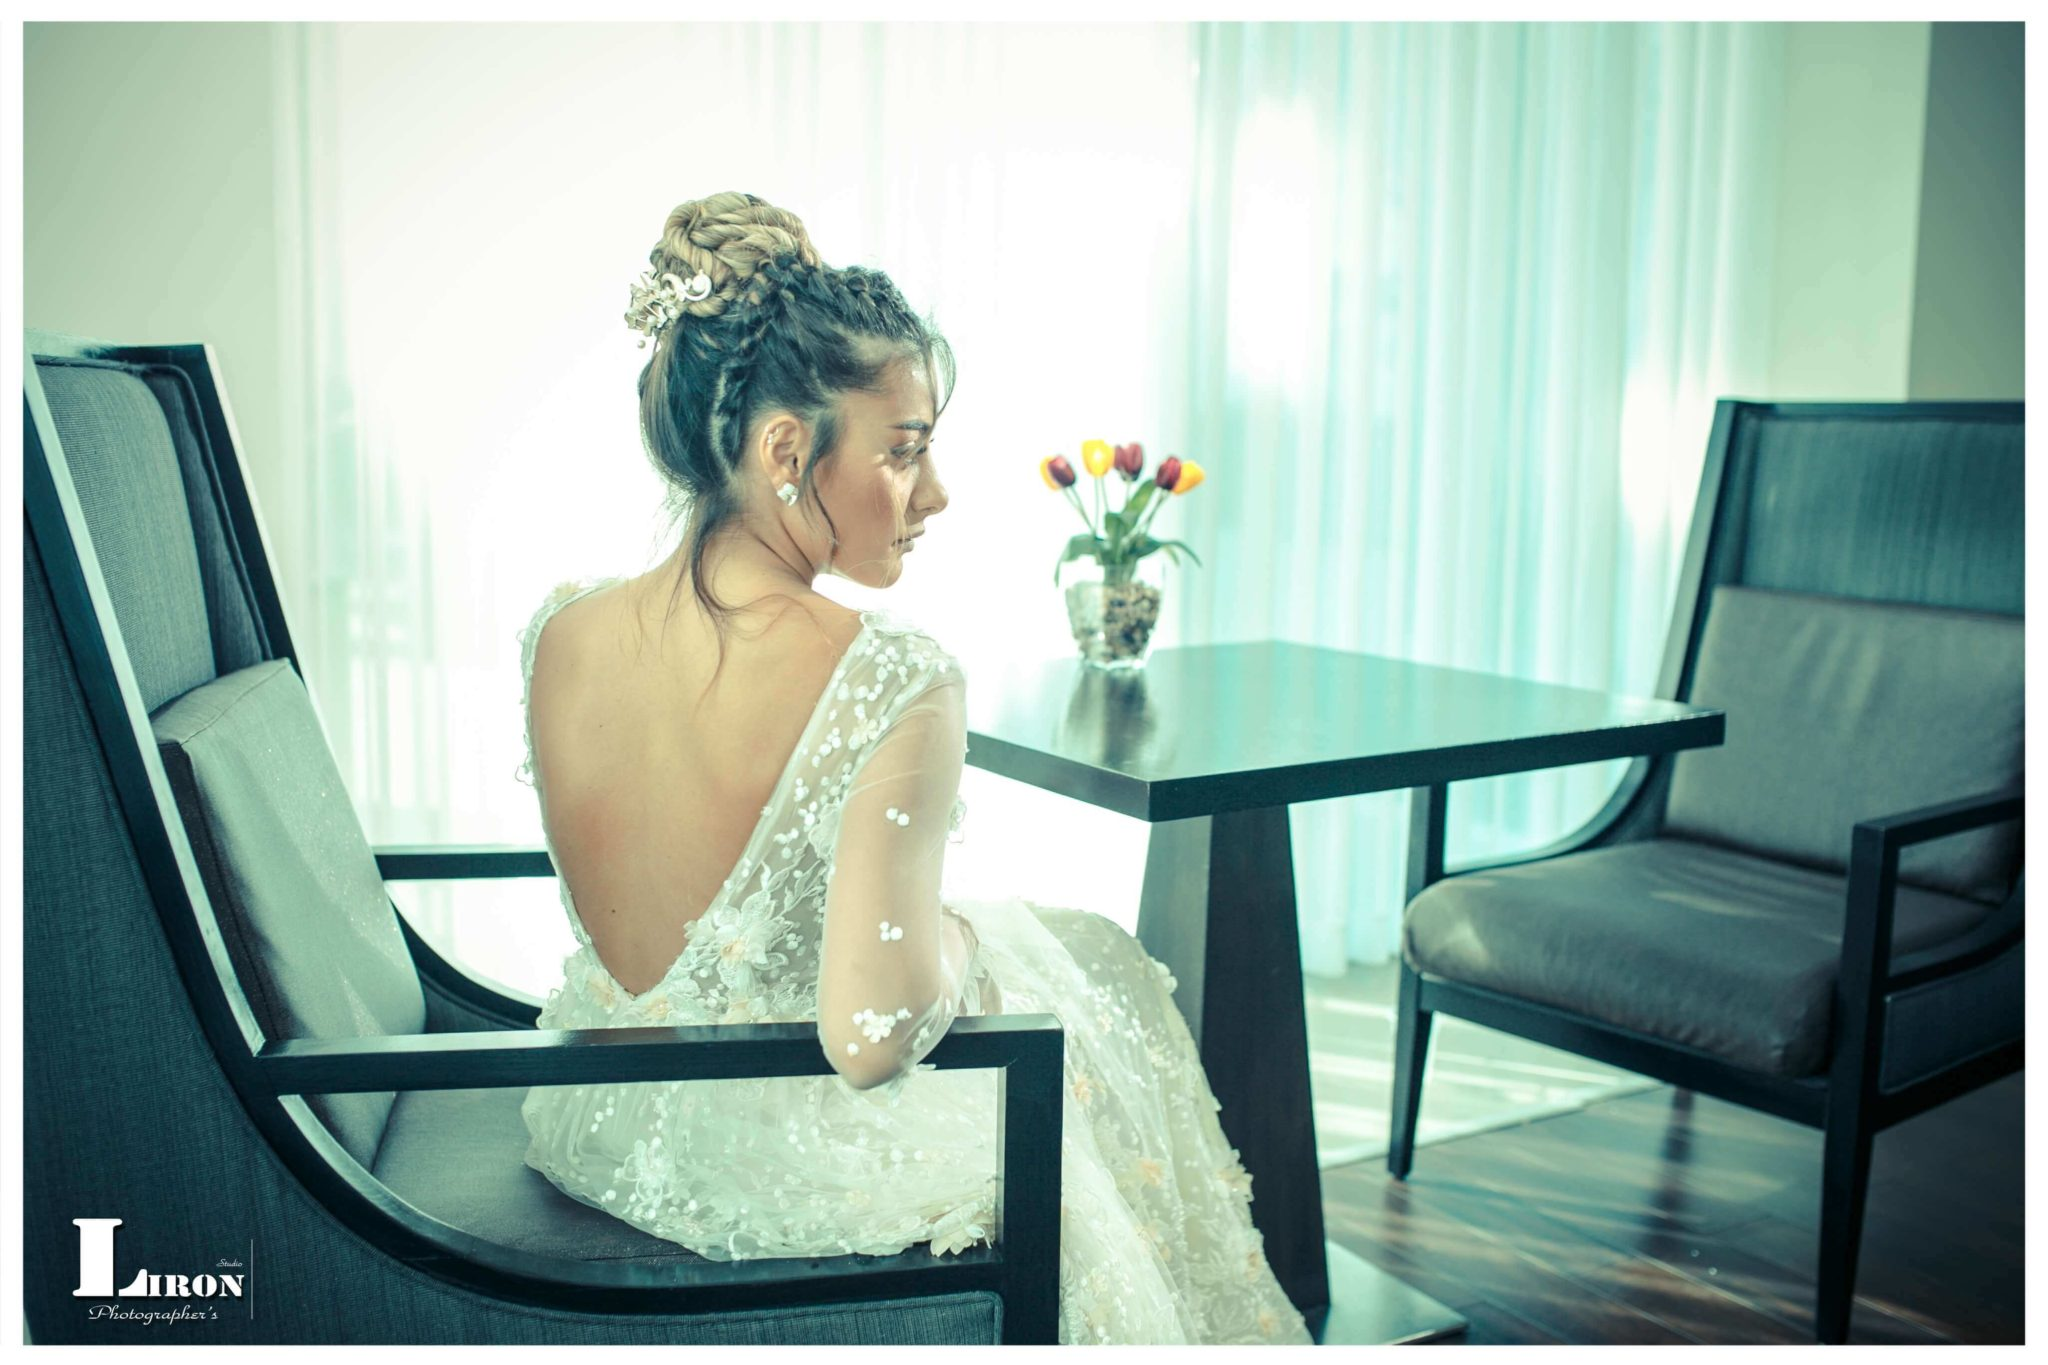 בשמלת כלה ממתינה לקריאה